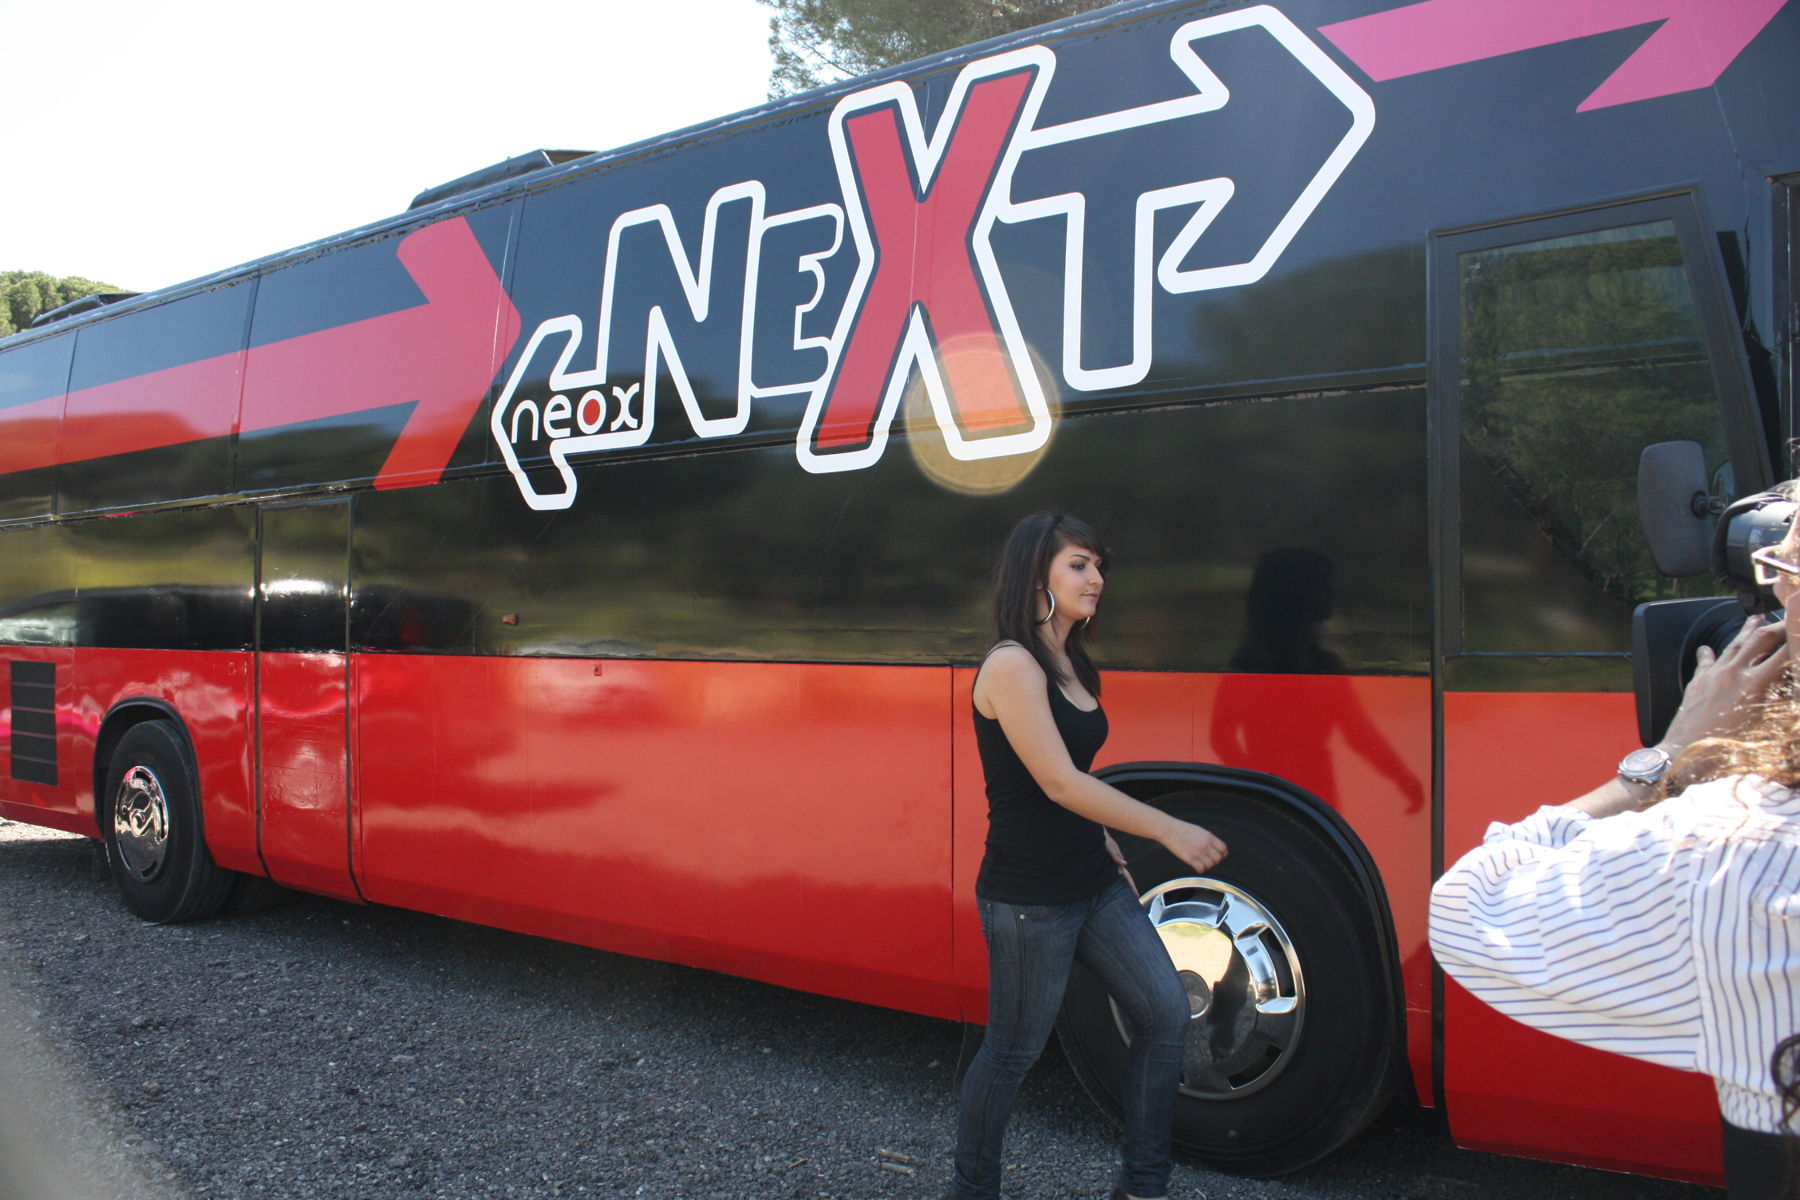 Next, el programa de citas más divertidas de la televisión, vuelve a Neox